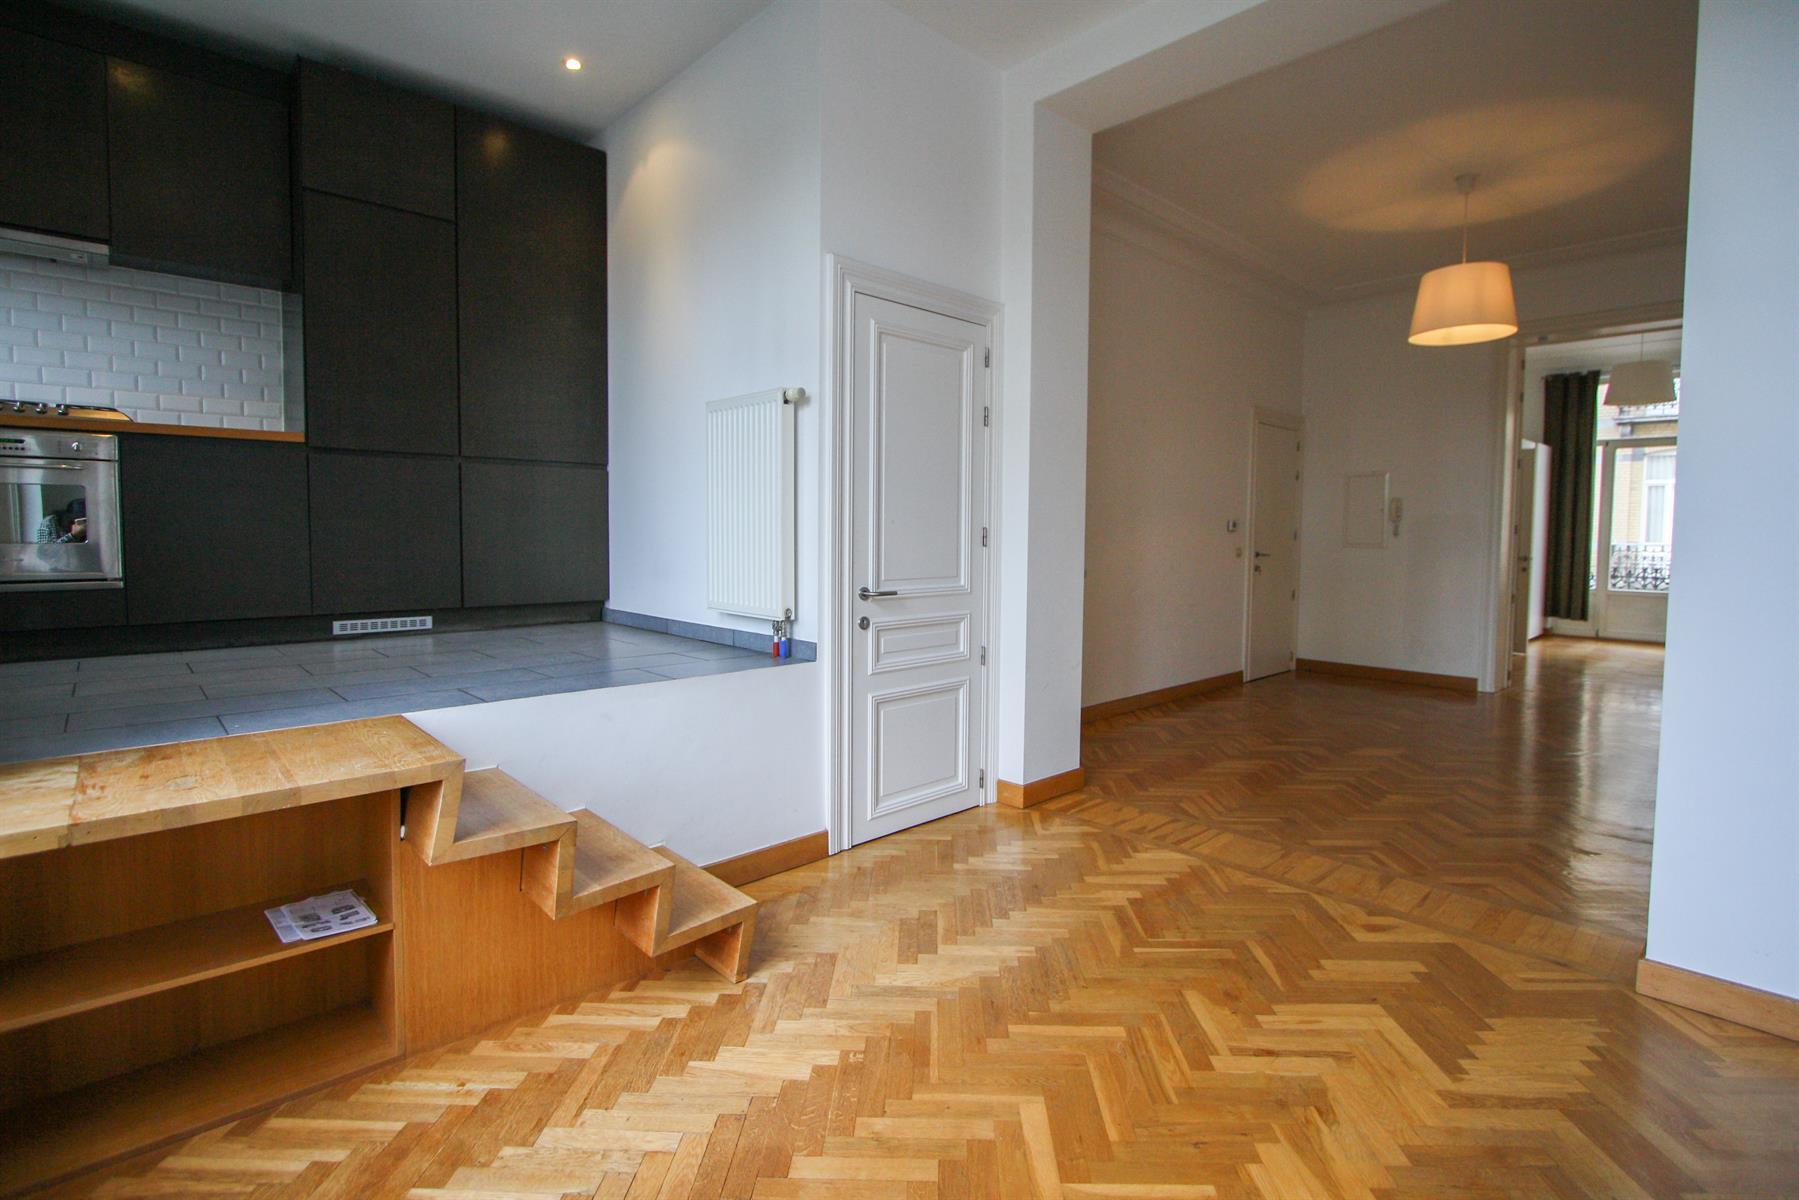 Appartement - Etterbeek - #4448025-5